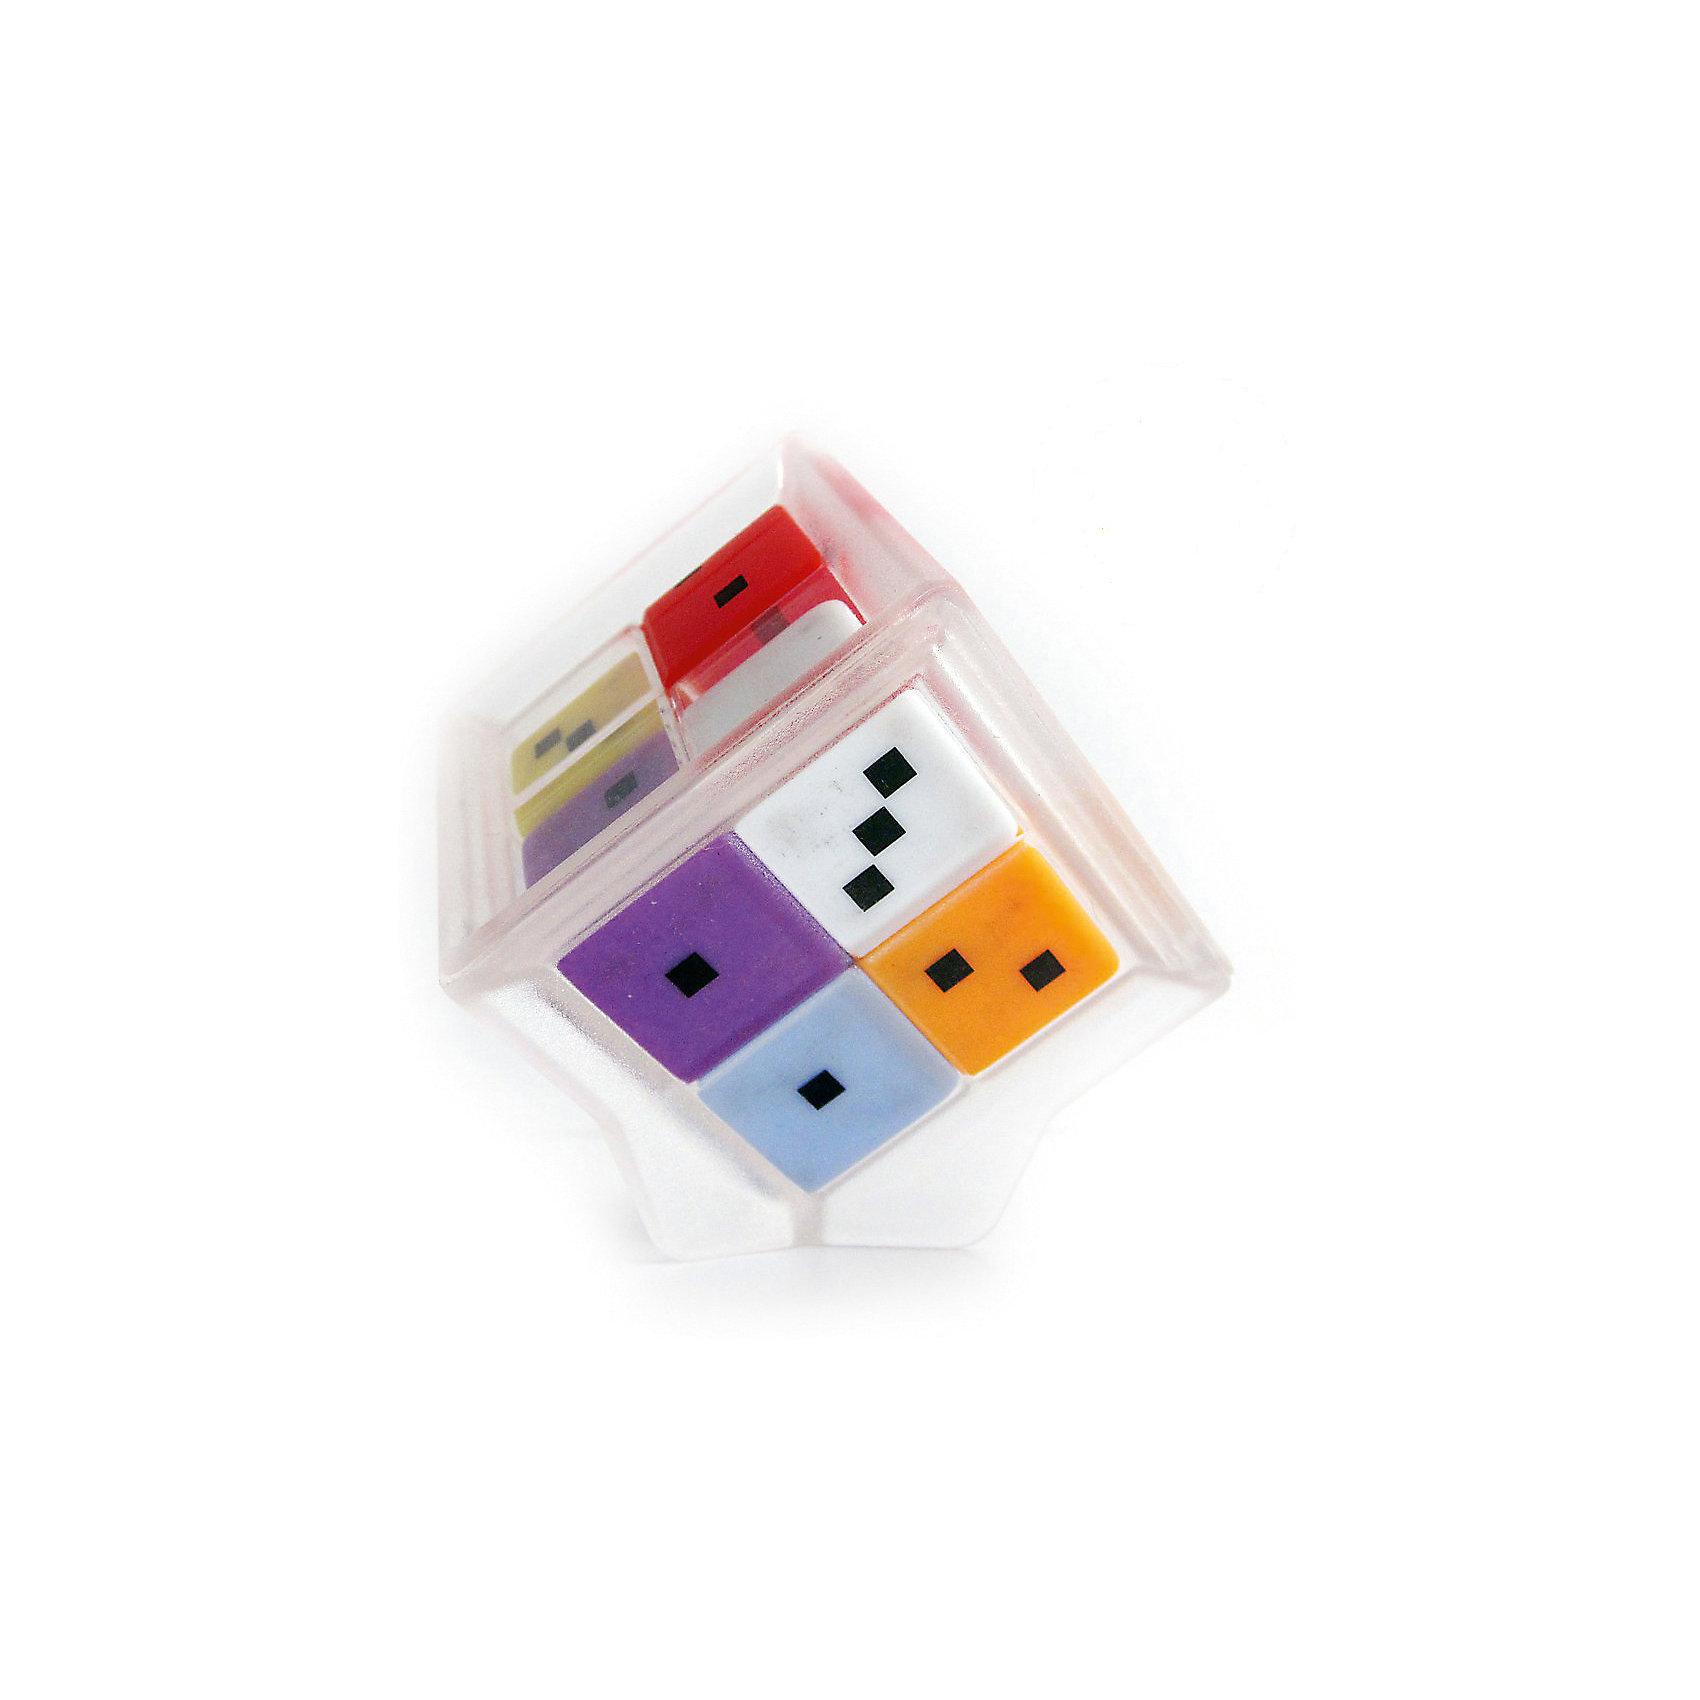 Головоломка Счастливая семерка, Recent ToysОбъёмные головоломки<br>Головоломка Счастливая семерка, Recent Toys<br><br>Характеристика:<br><br>-Возраст: от 7 лет<br>-Размер: 5х5х5 см<br><br>Это прекрасная математическая головоломка с большим количеством игровых заданий различной сложности. Может использоваться в образовательных целях, как учебное пособие для устного счета, изучения состава числа, выявления неординарных способностей. В основе игрушки 7 игральных кубиков разных цветов с точками от 0 до 5, которые перемещаются внутри прозрачного корпуса головоломки в форме большого куба, образуя комбинации цифр на гранях этого куба. На первый взгляд, комбинации абсолютно случайны, но у игрушки есть свои секреты. Например, сумма точек всех 4 кубиков на противоположных гранях куба всегда одинакова, так что игроку не нужно проверять значения всех 6 сторон головоломки ,зная значения на 3 смежных гранях, легко вычислить всю сумму цифр на Семерке. Головоломка поможет ребёнку в развитии логики, вычислительного мышления и зрительного восприятия.  <br><br>Головоломка Счастливая семерка, Recent Toys можно приобрести в нашем интернет-магазине.<br><br>Ширина мм: 80<br>Глубина мм: 210<br>Высота мм: 210<br>Вес г: 200<br>Возраст от месяцев: 84<br>Возраст до месяцев: 1188<br>Пол: Унисекс<br>Возраст: Детский<br>SKU: 2556264